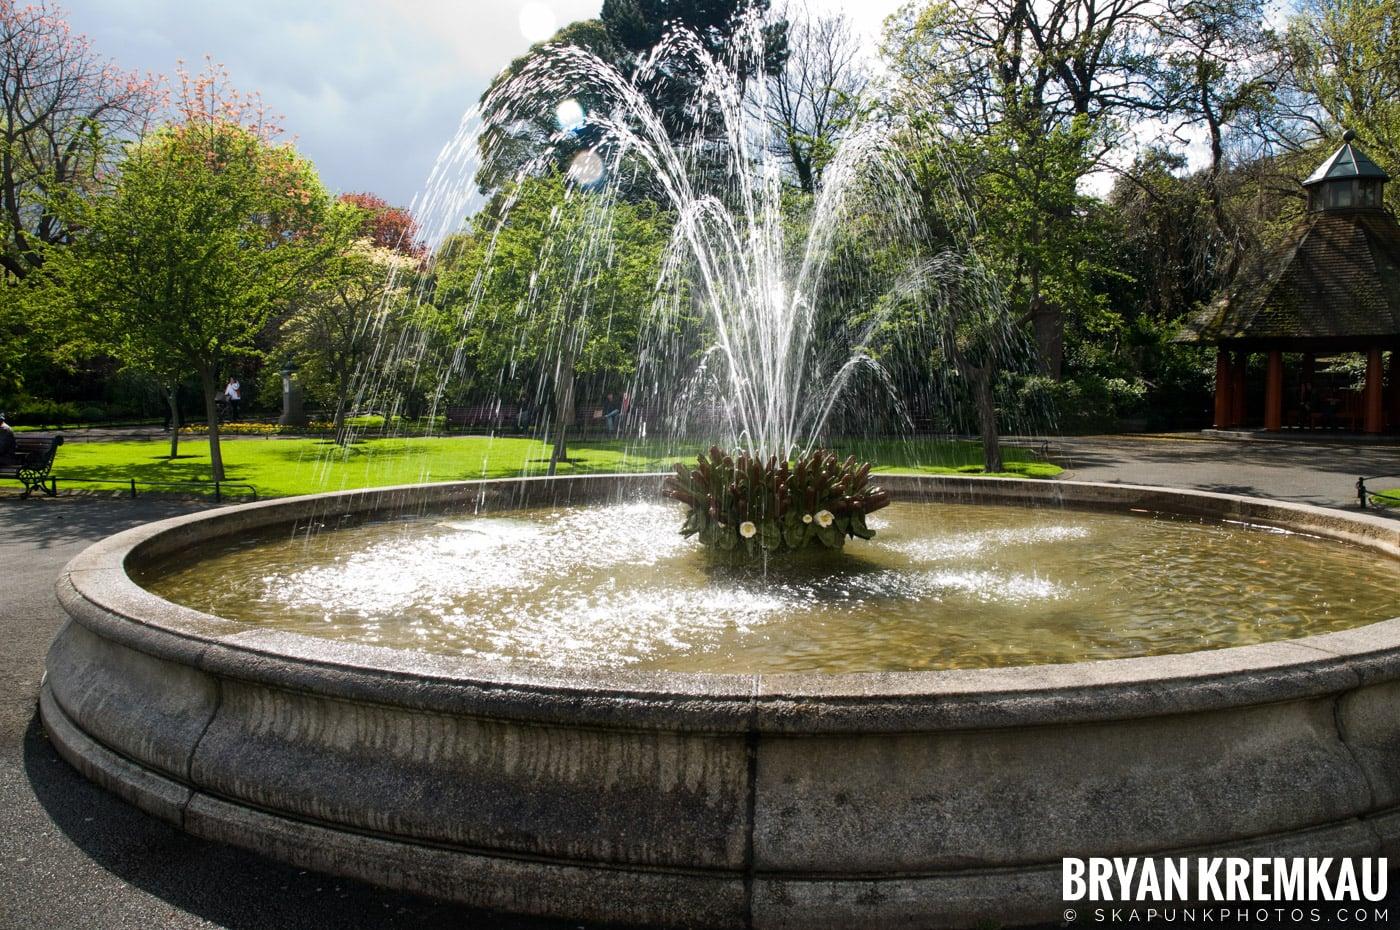 Dublin, Ireland Vacation - Day 1 (1)